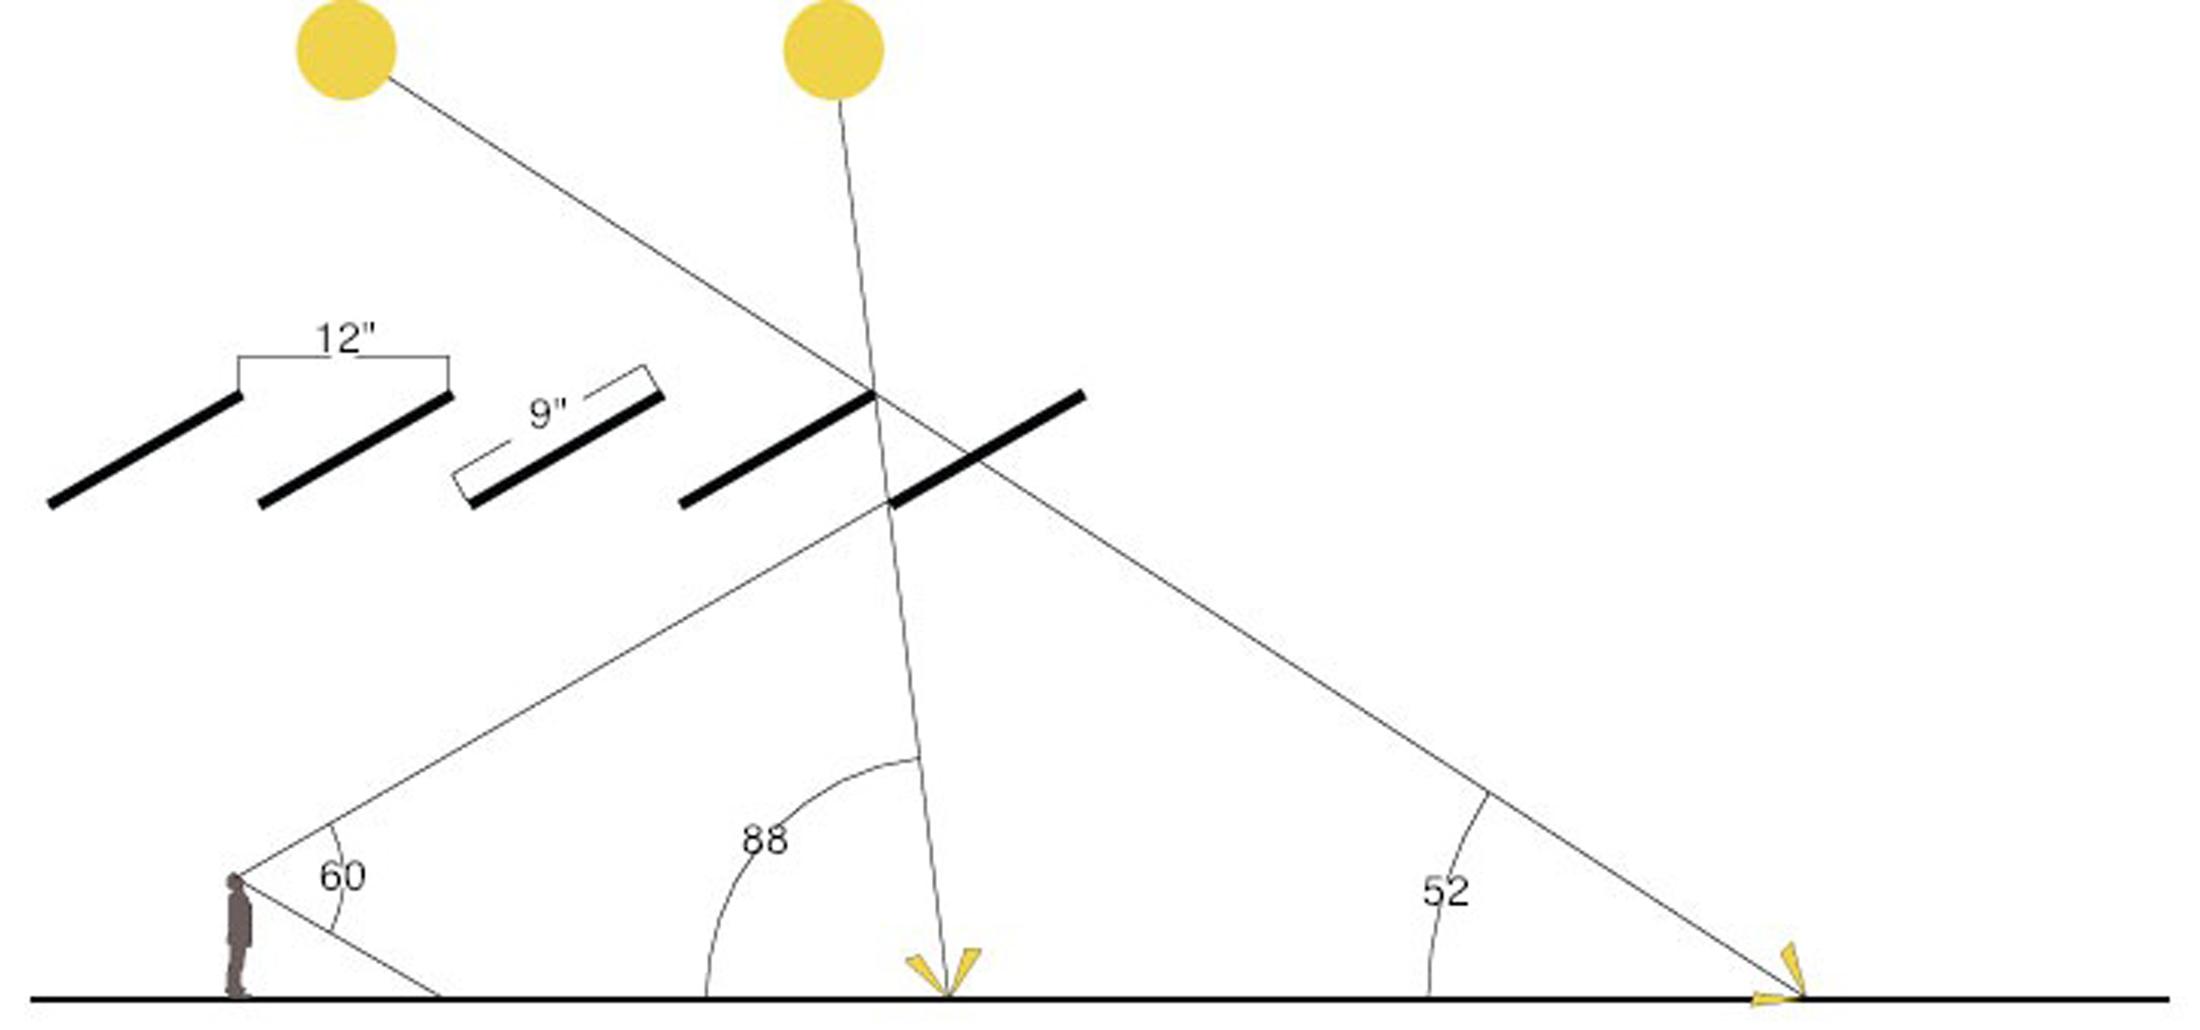 fishman_diagram_proof09.png